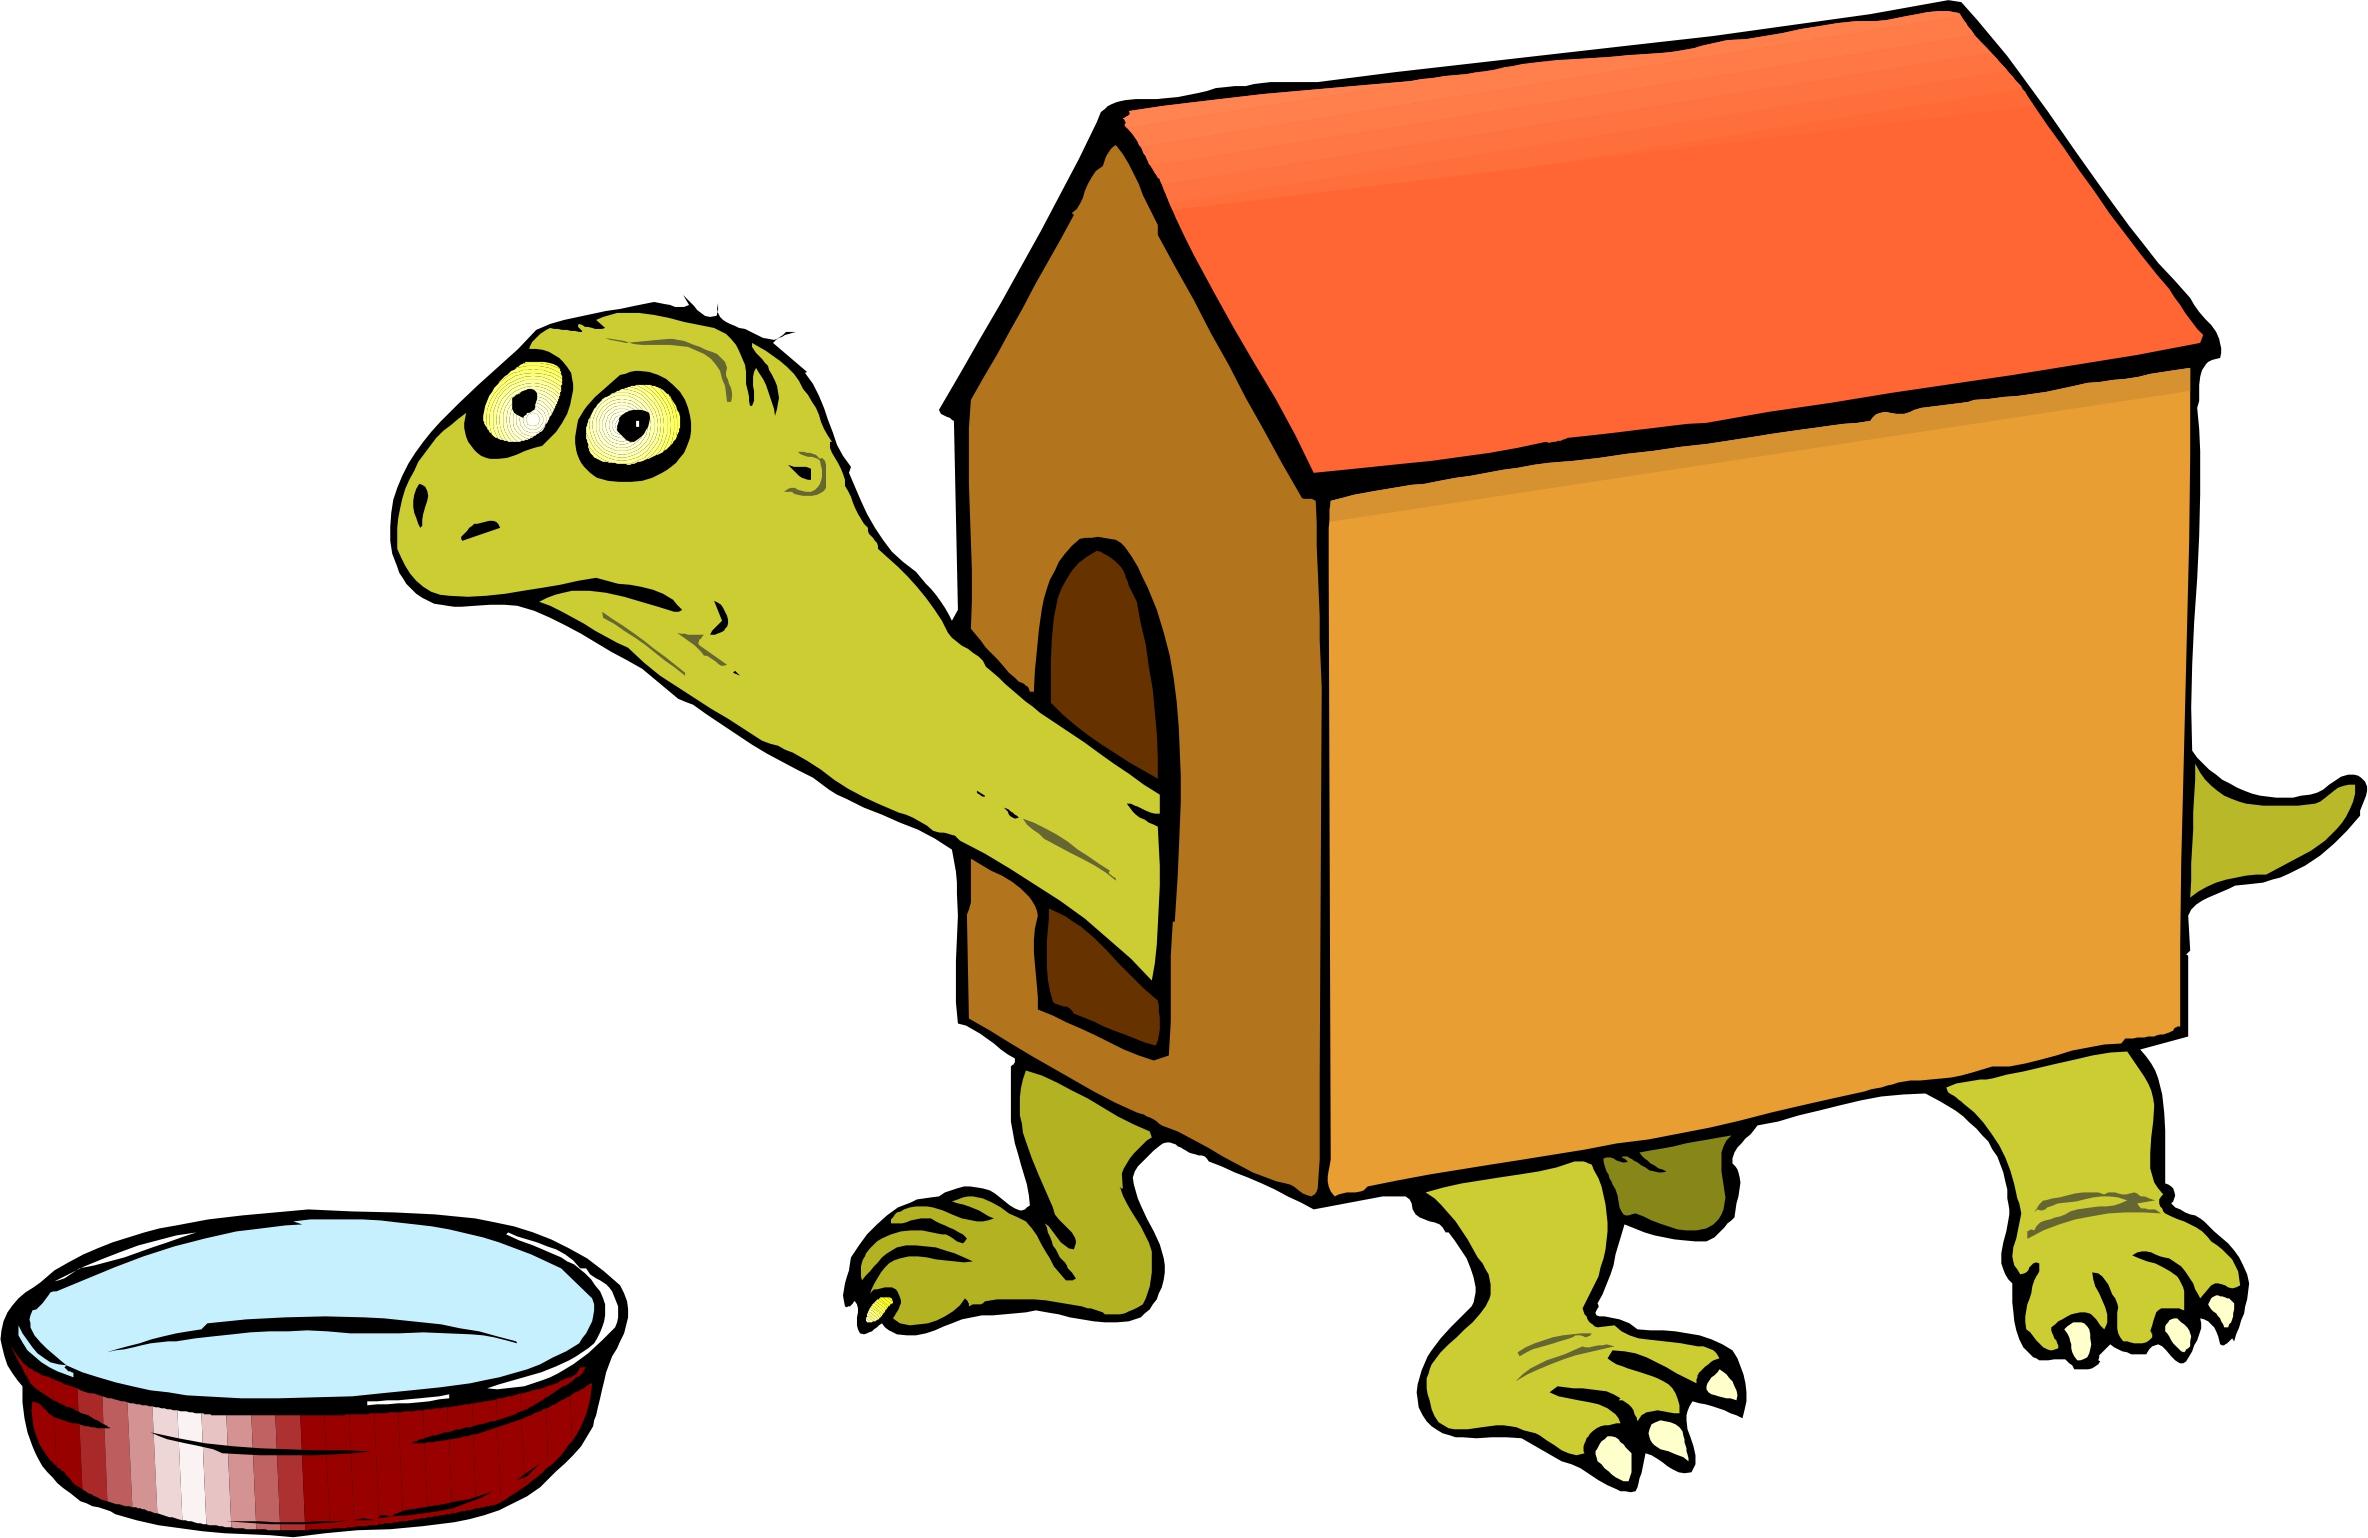 2368x1538 Cartoon Dog House